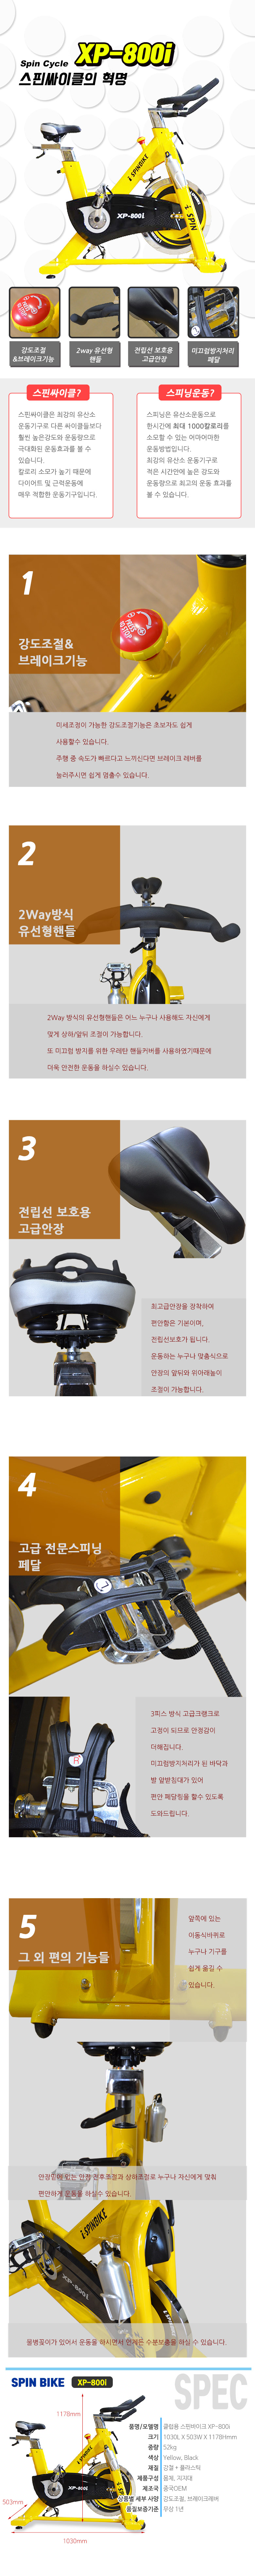 XP800i_detail.jpg